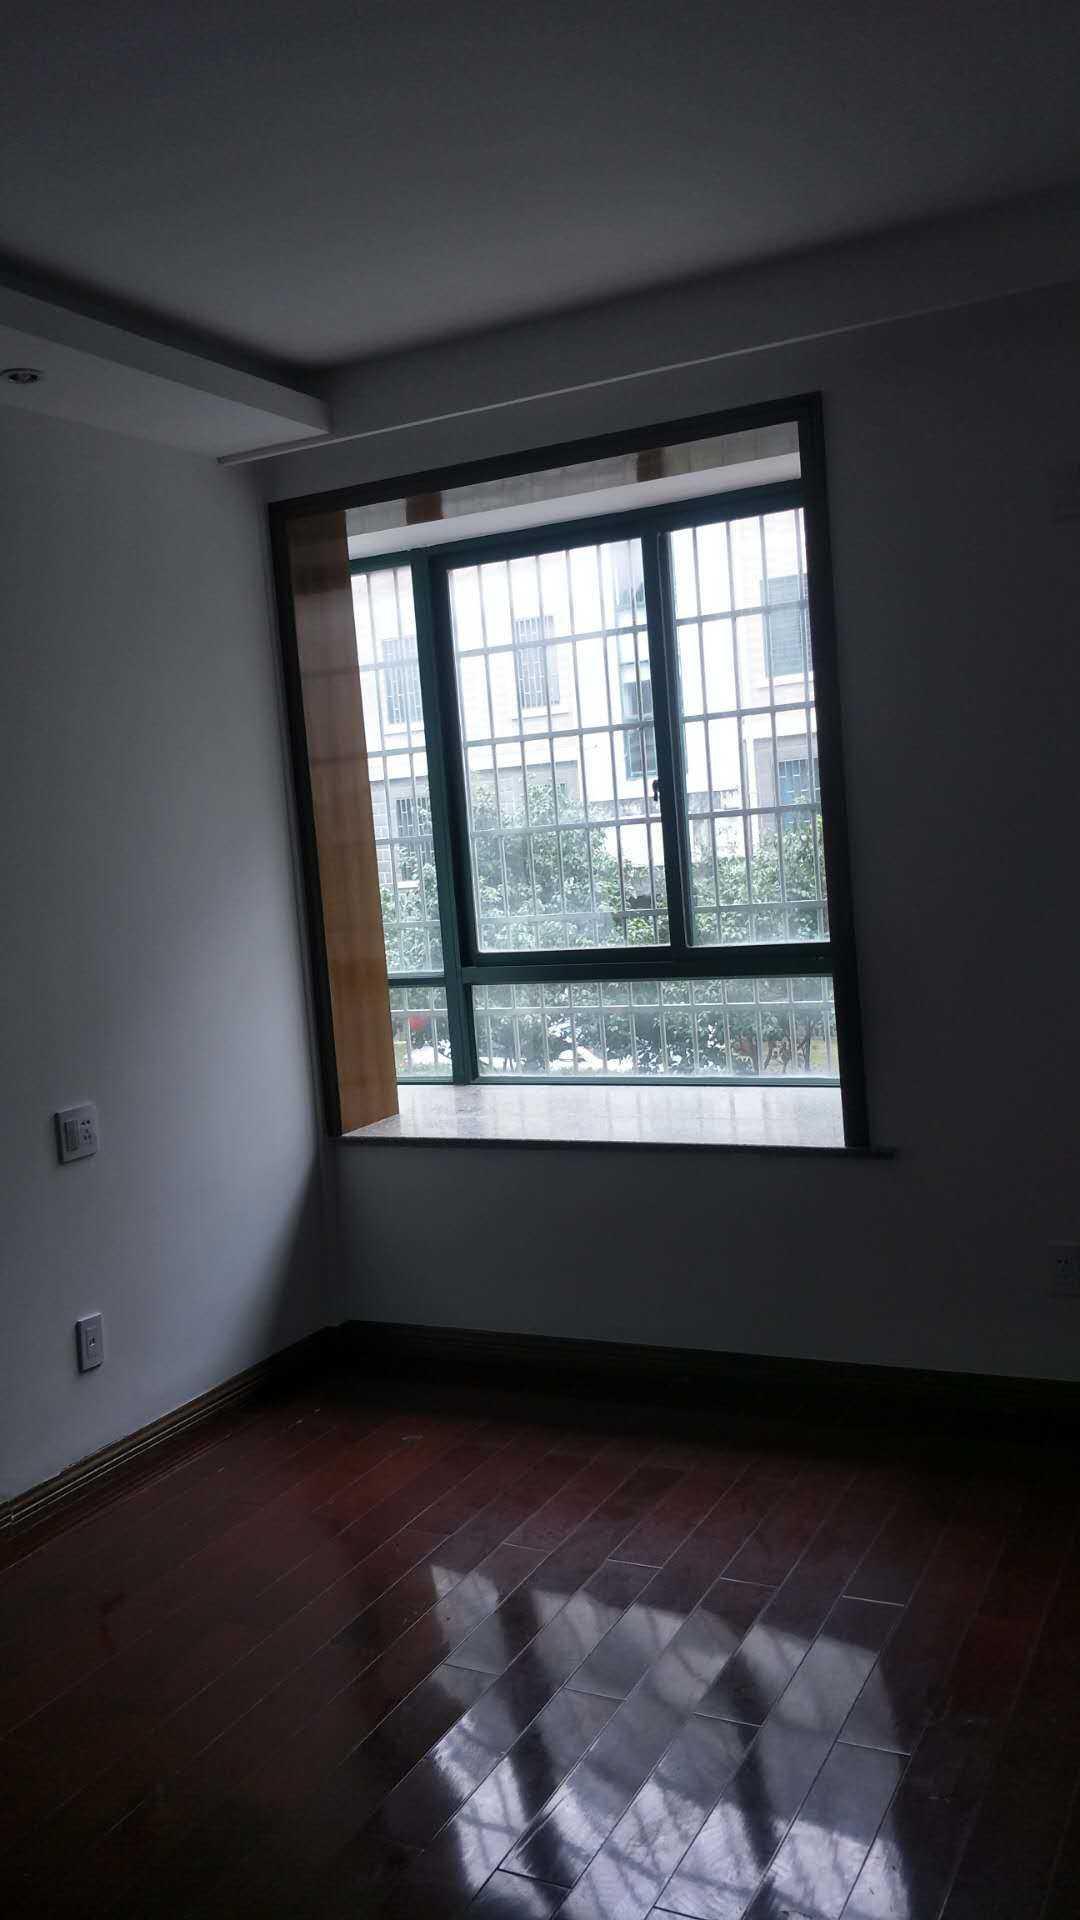 02165出售:万家花苑架空1楼,面积102平方,3室2厅,全新现代风格精装修未住人,中央空调集成吊顶,整体橱柜,阳光充足,车棚一间的实拍照片